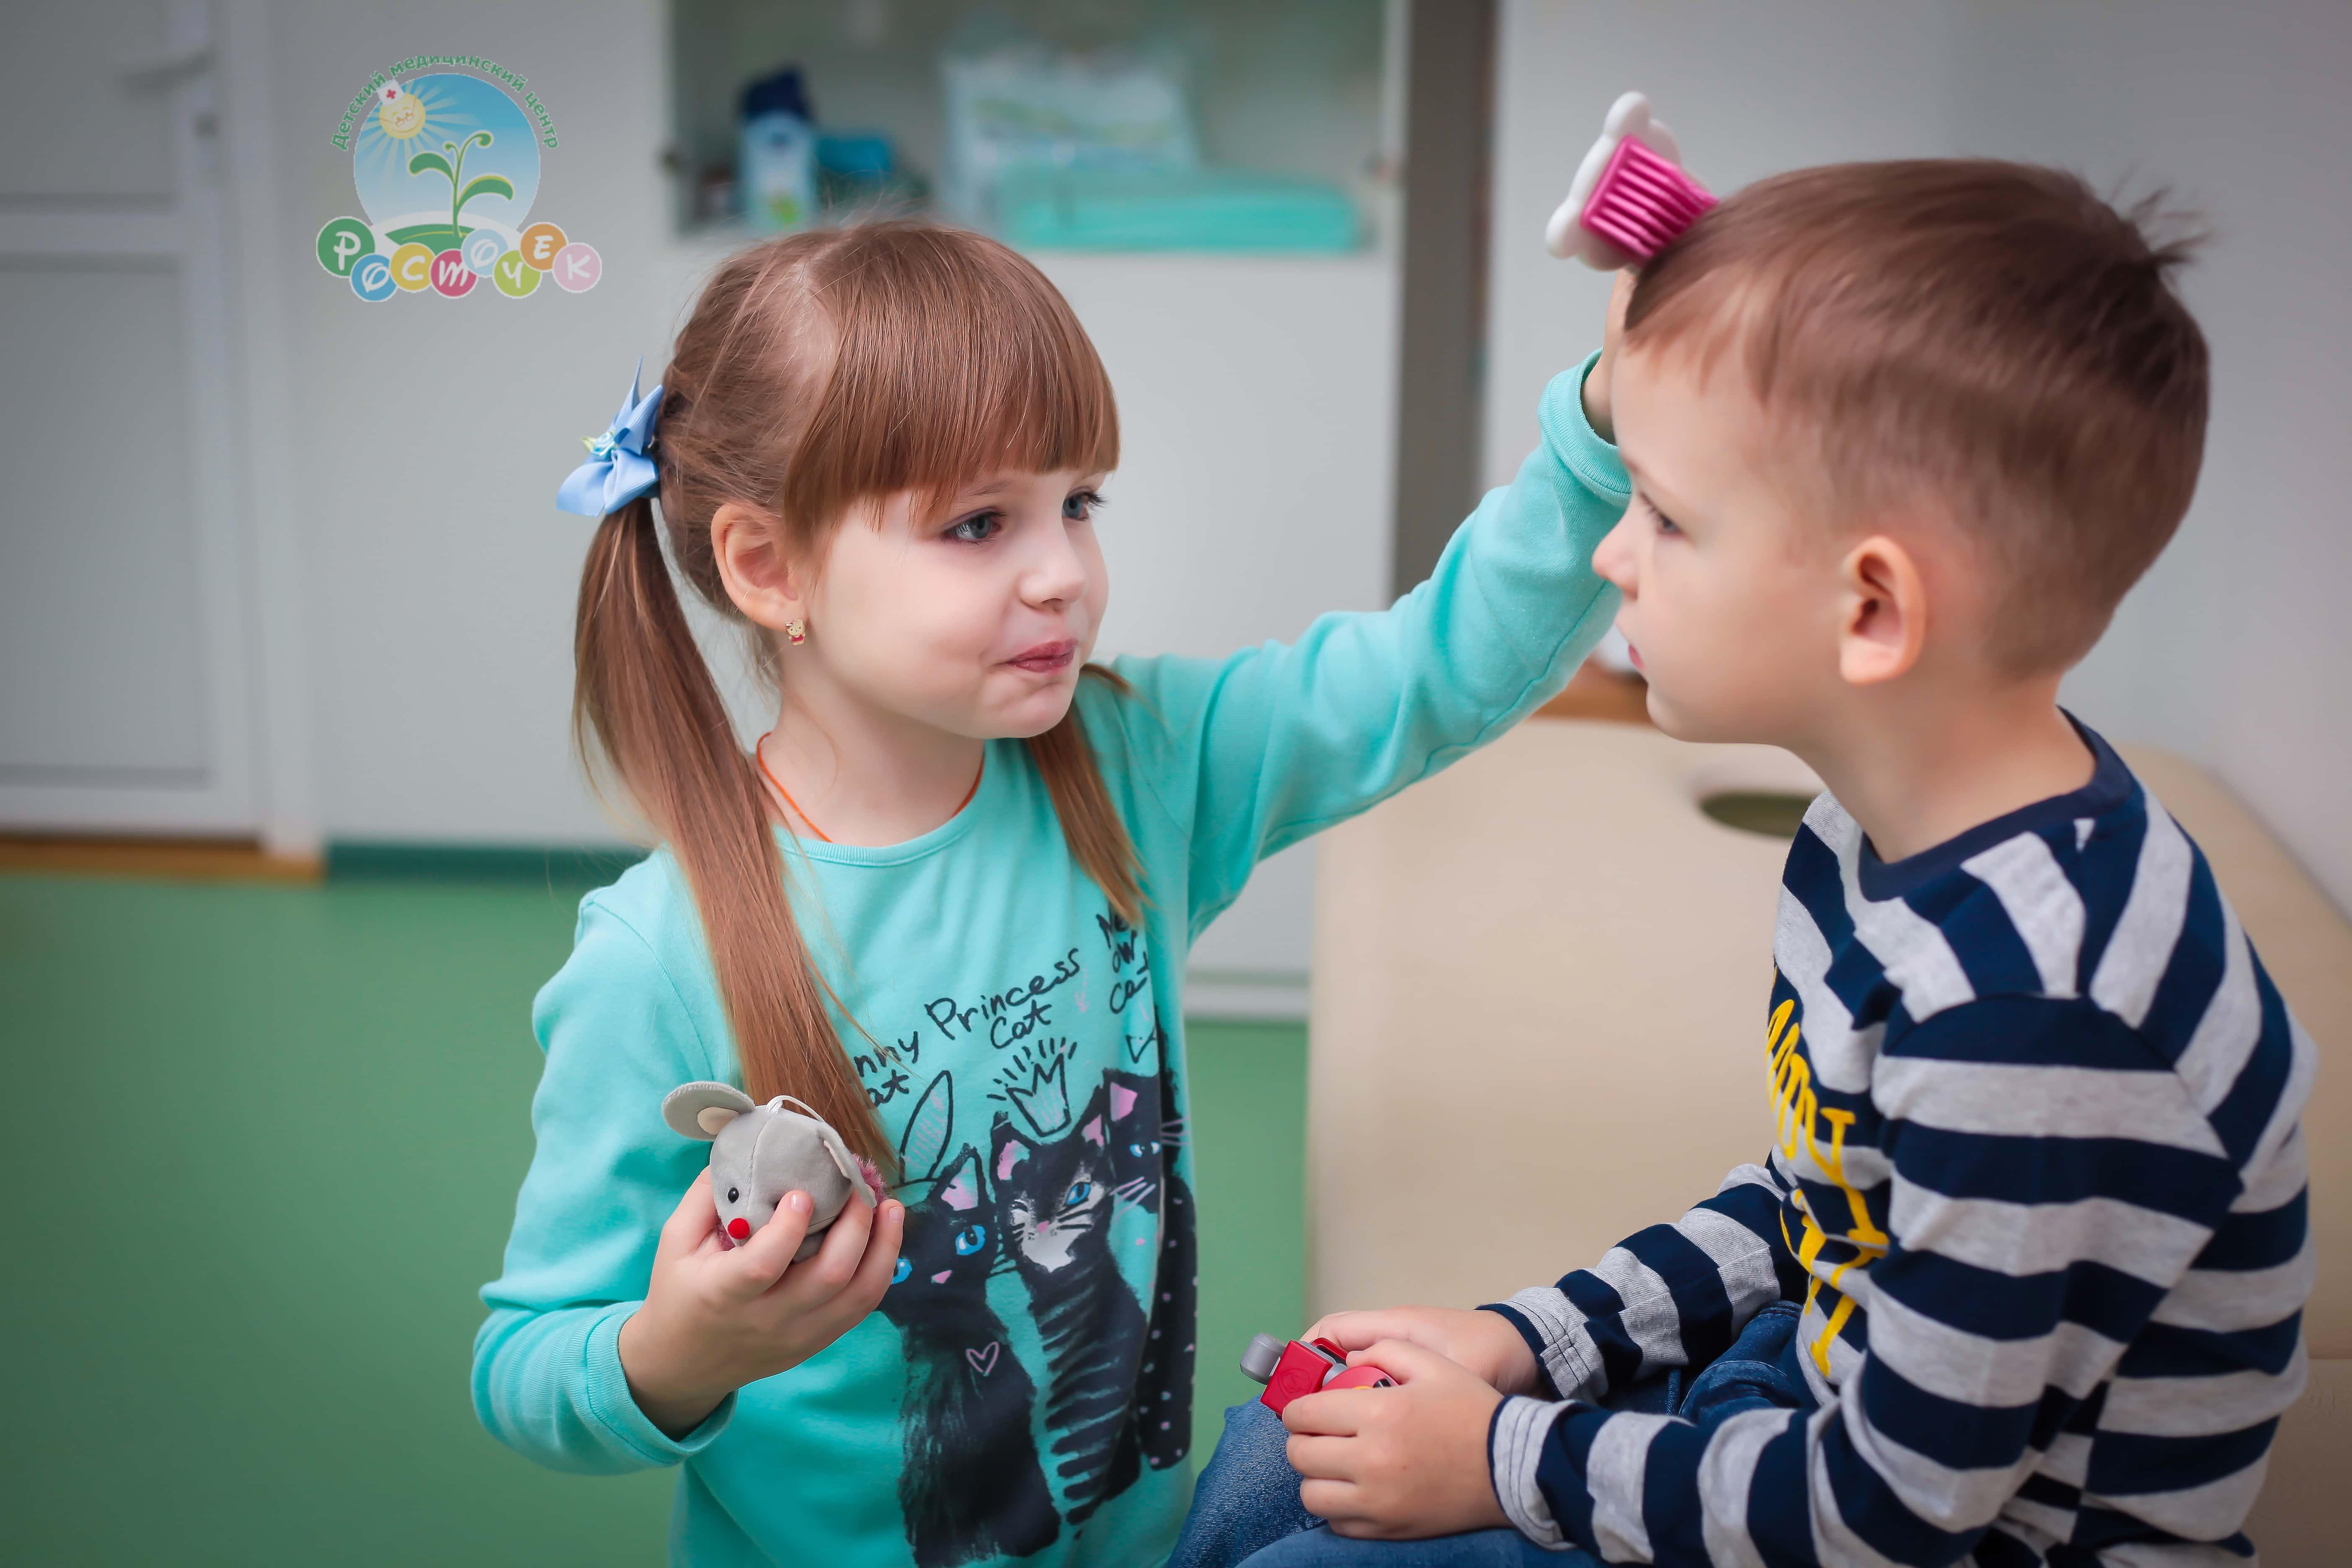 Выпадают волосы у ребенка ДМЦ «Росточек»